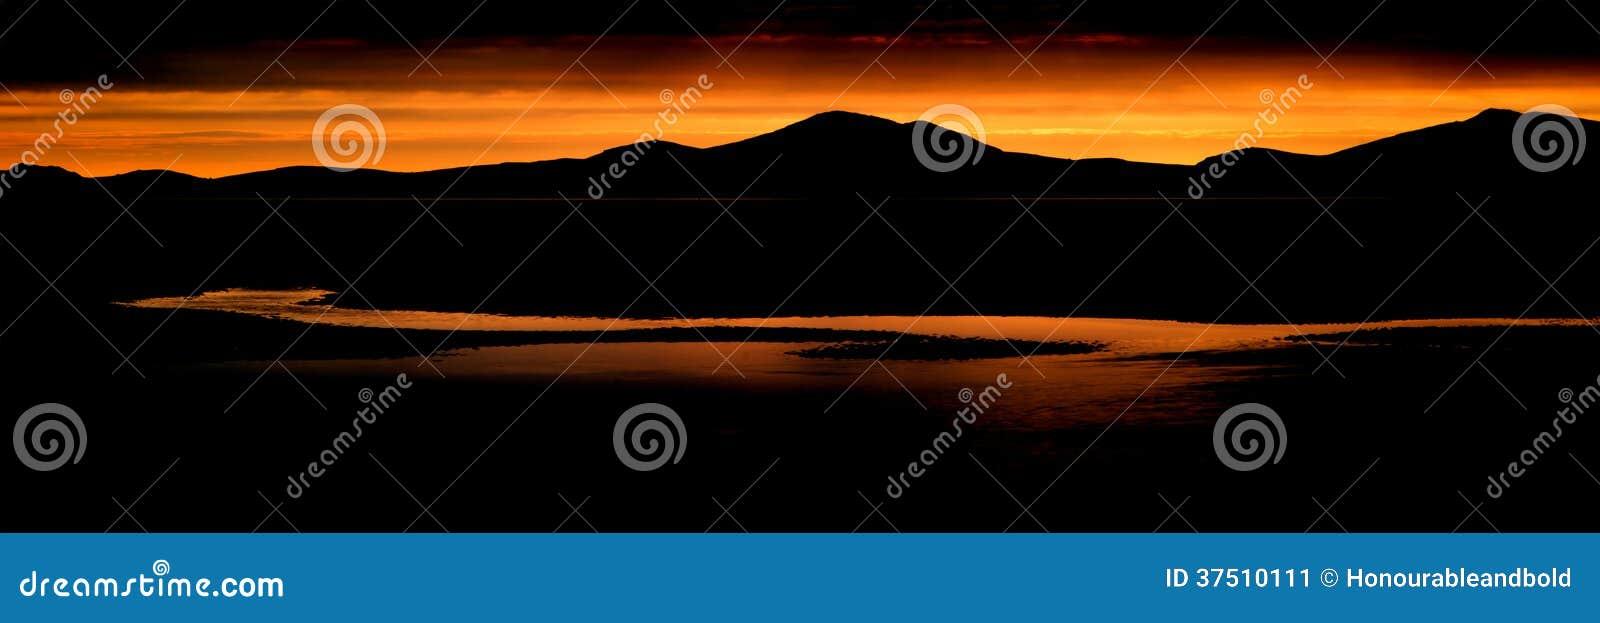 Panoramalandskap som bedövar bergskedja och stranden på vibrerande